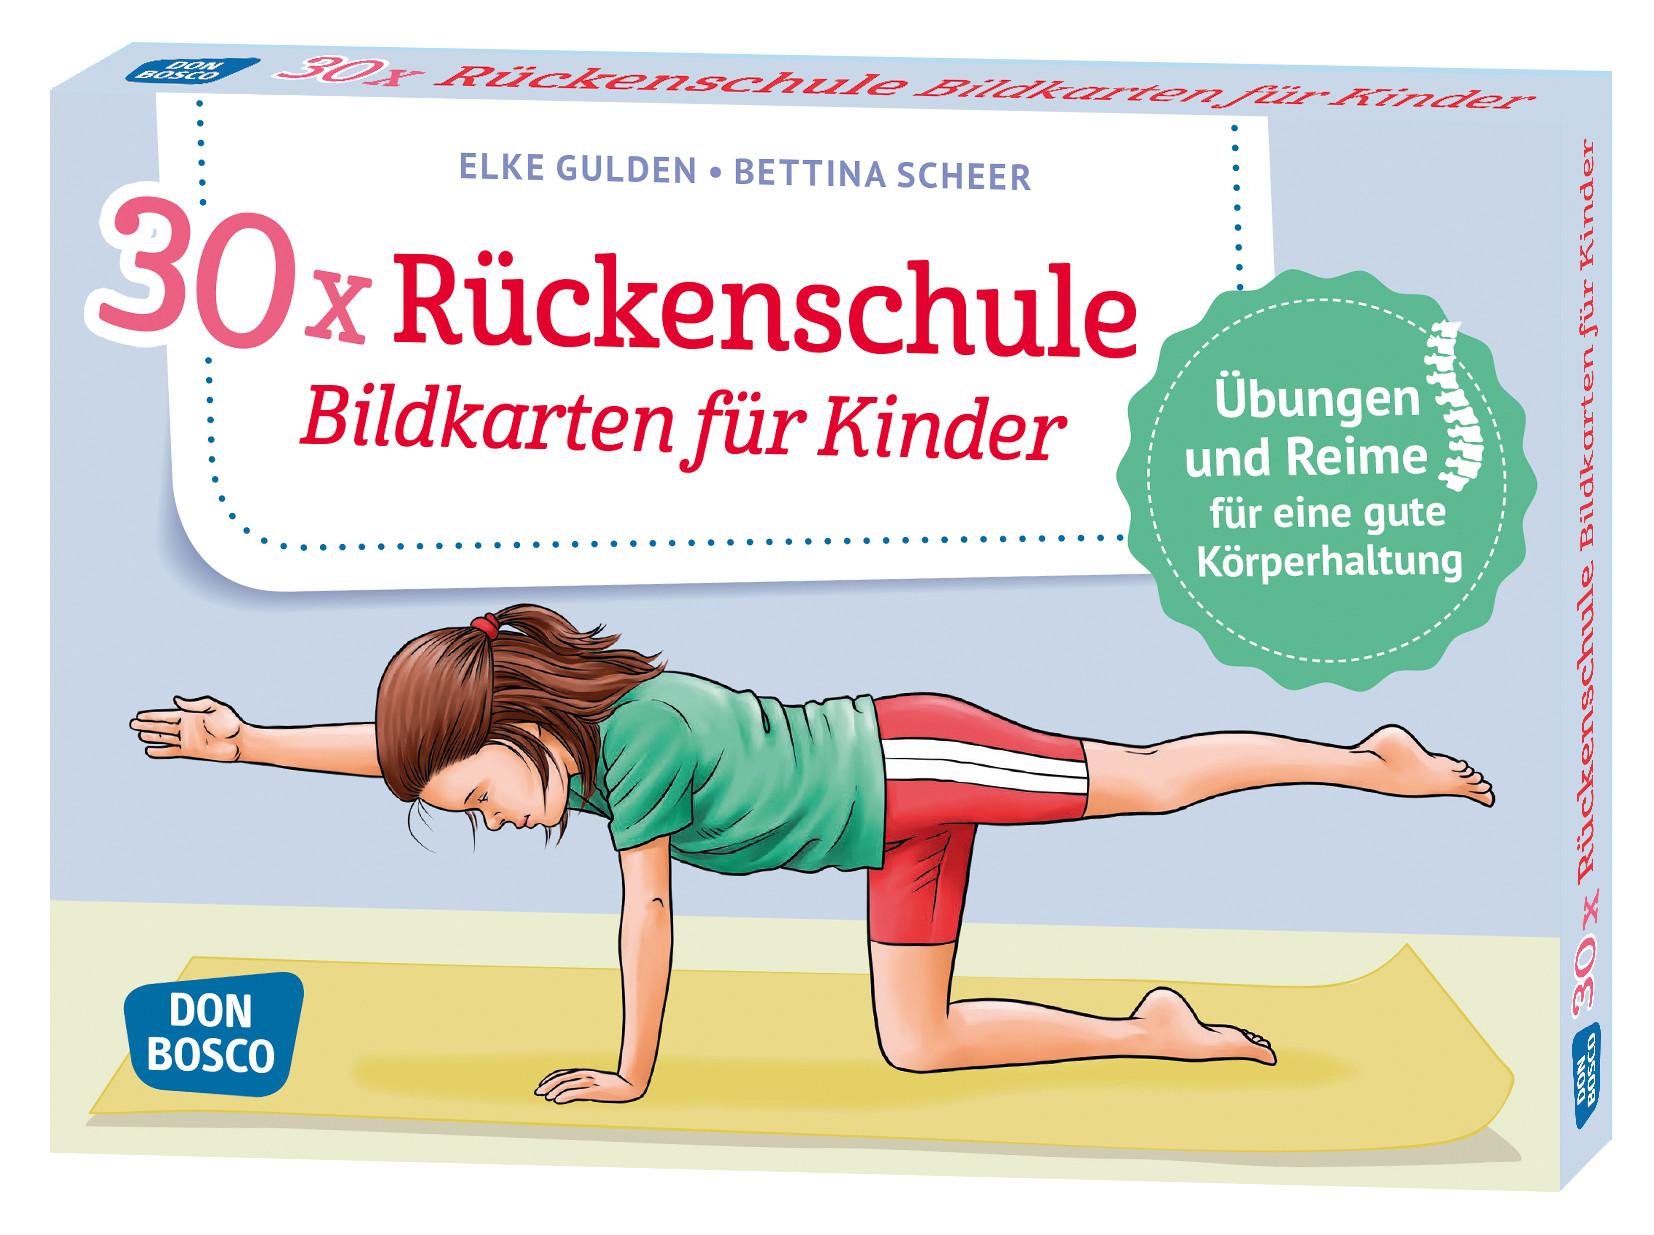 30 x Rückenschule - Bildkarten für Kinder